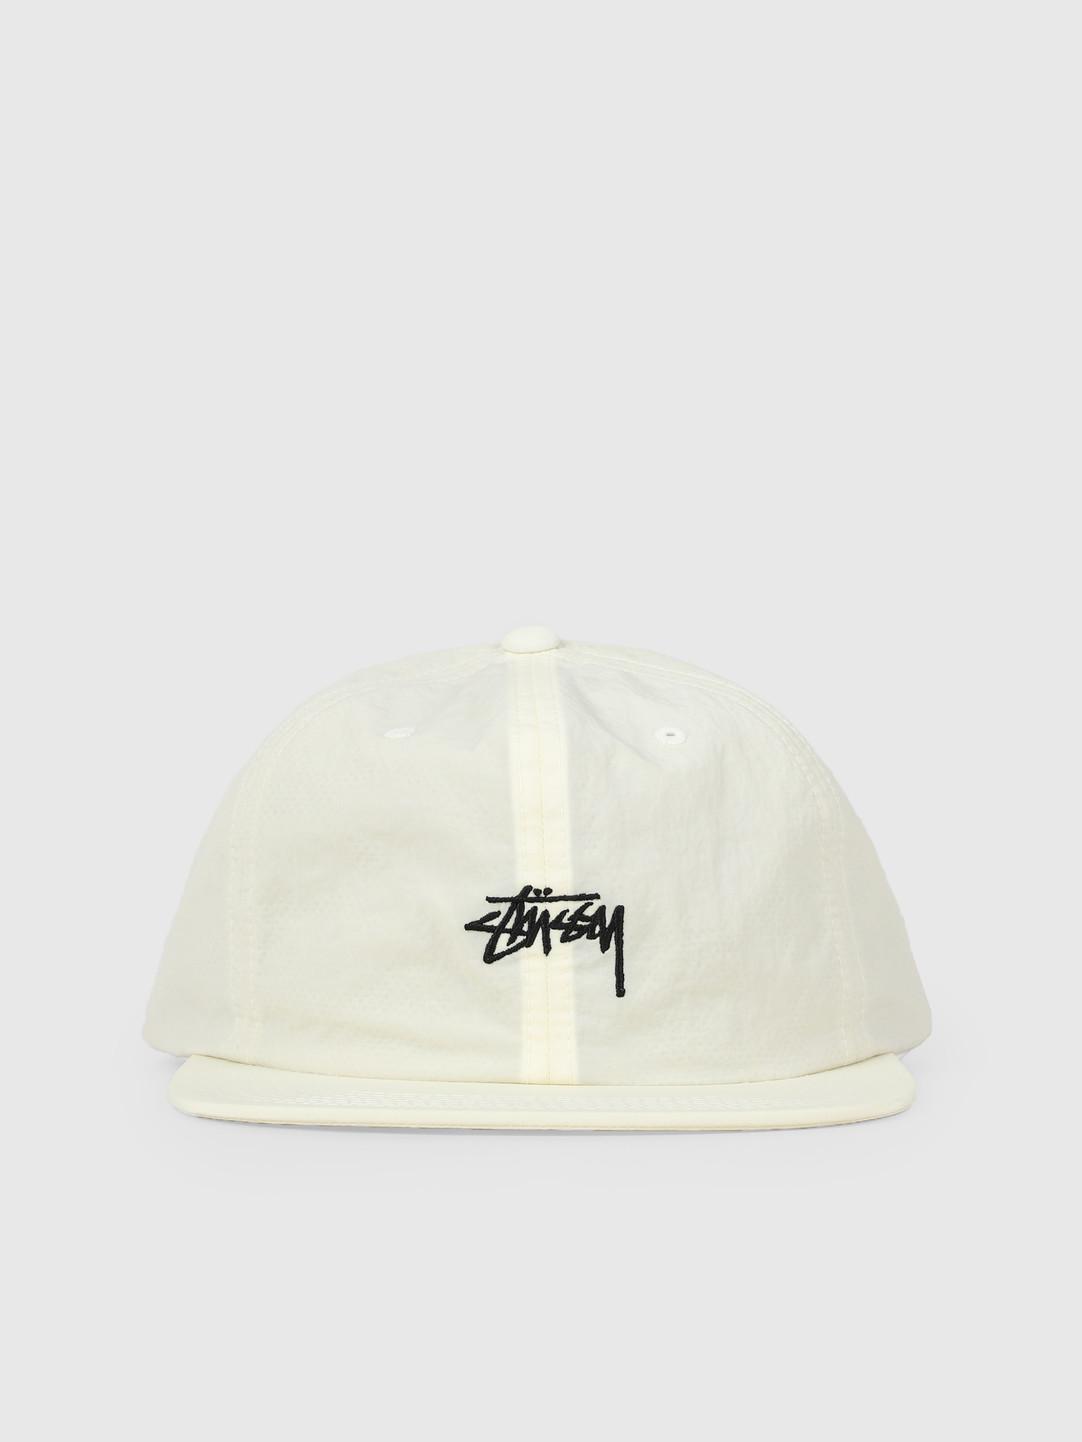 Stussy Stussy Fa19 Stock Nylon Strapback Cap Off White 131913